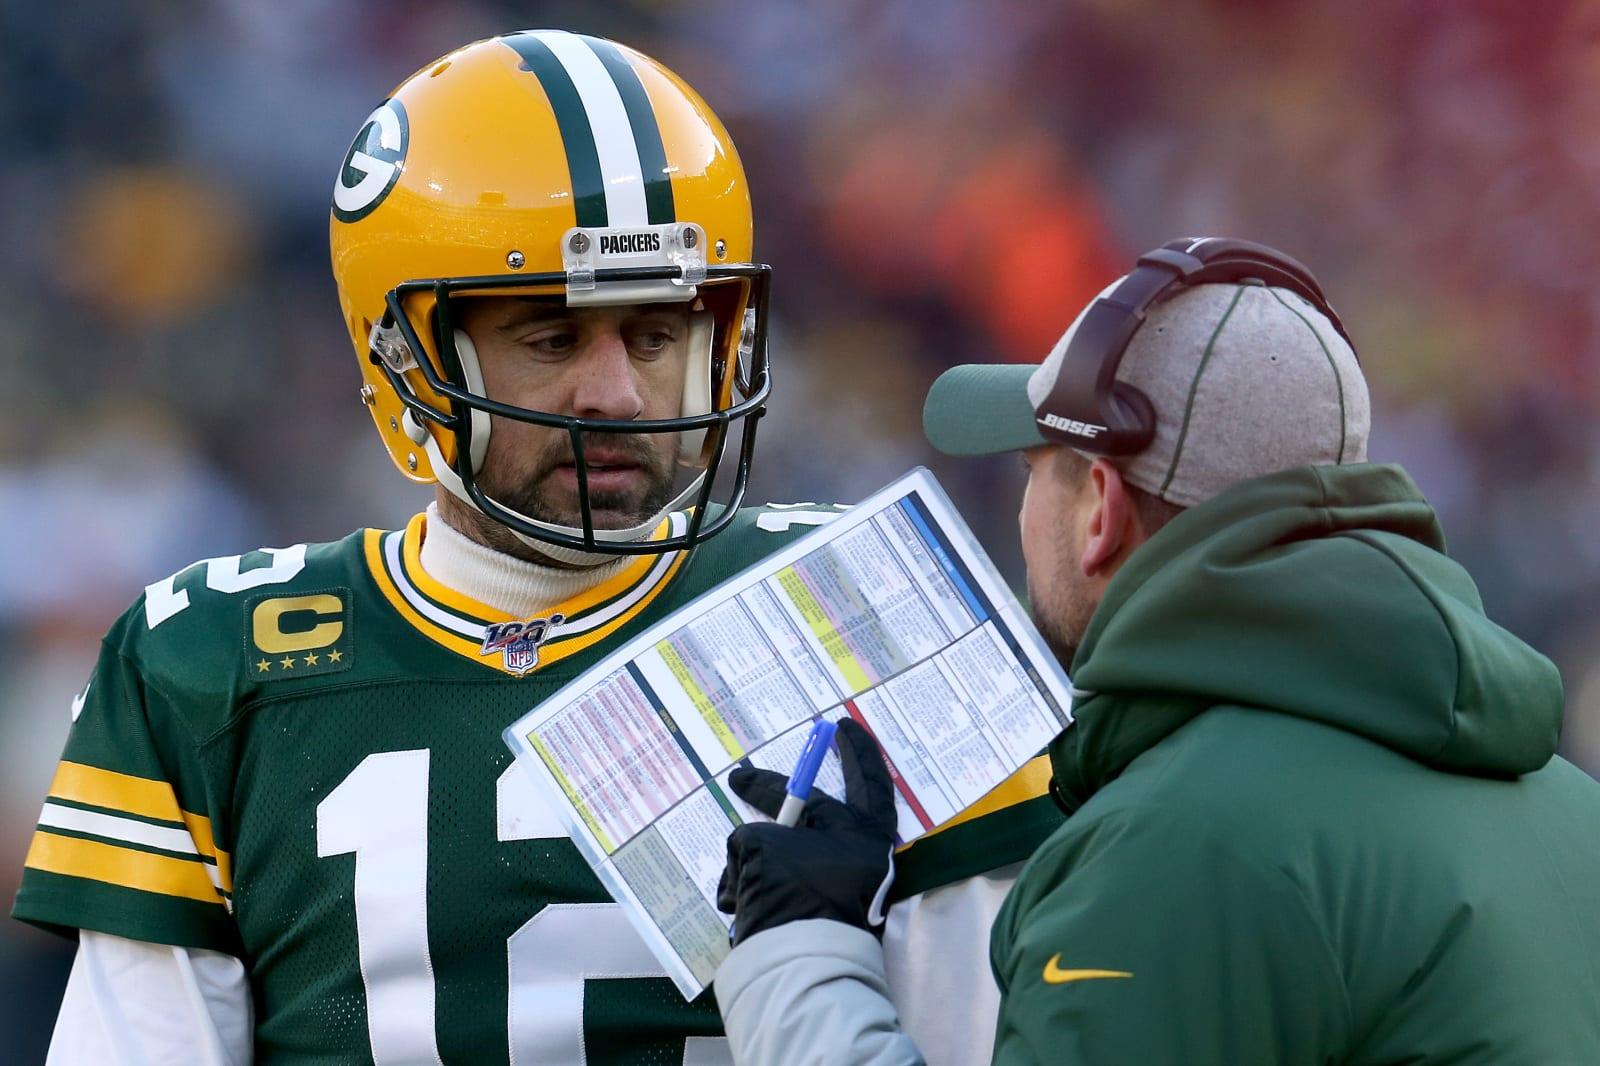 Packers NFL Draft rumors